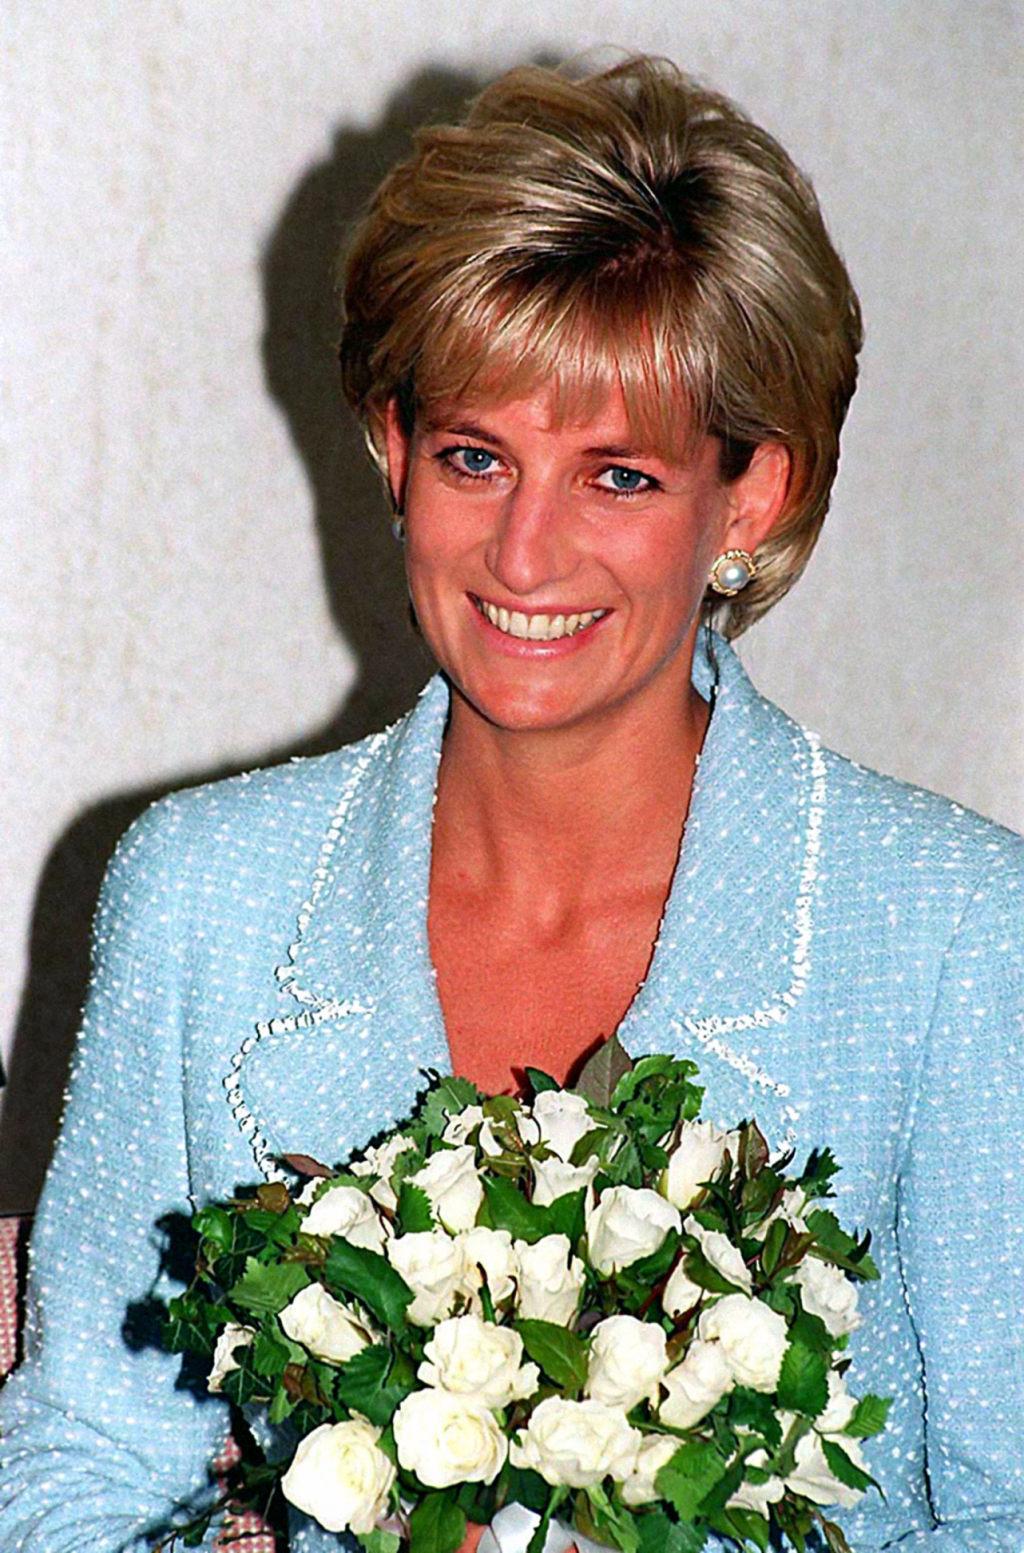 Diana princess diana photo 35922515 fanpop for Princess diana new photos